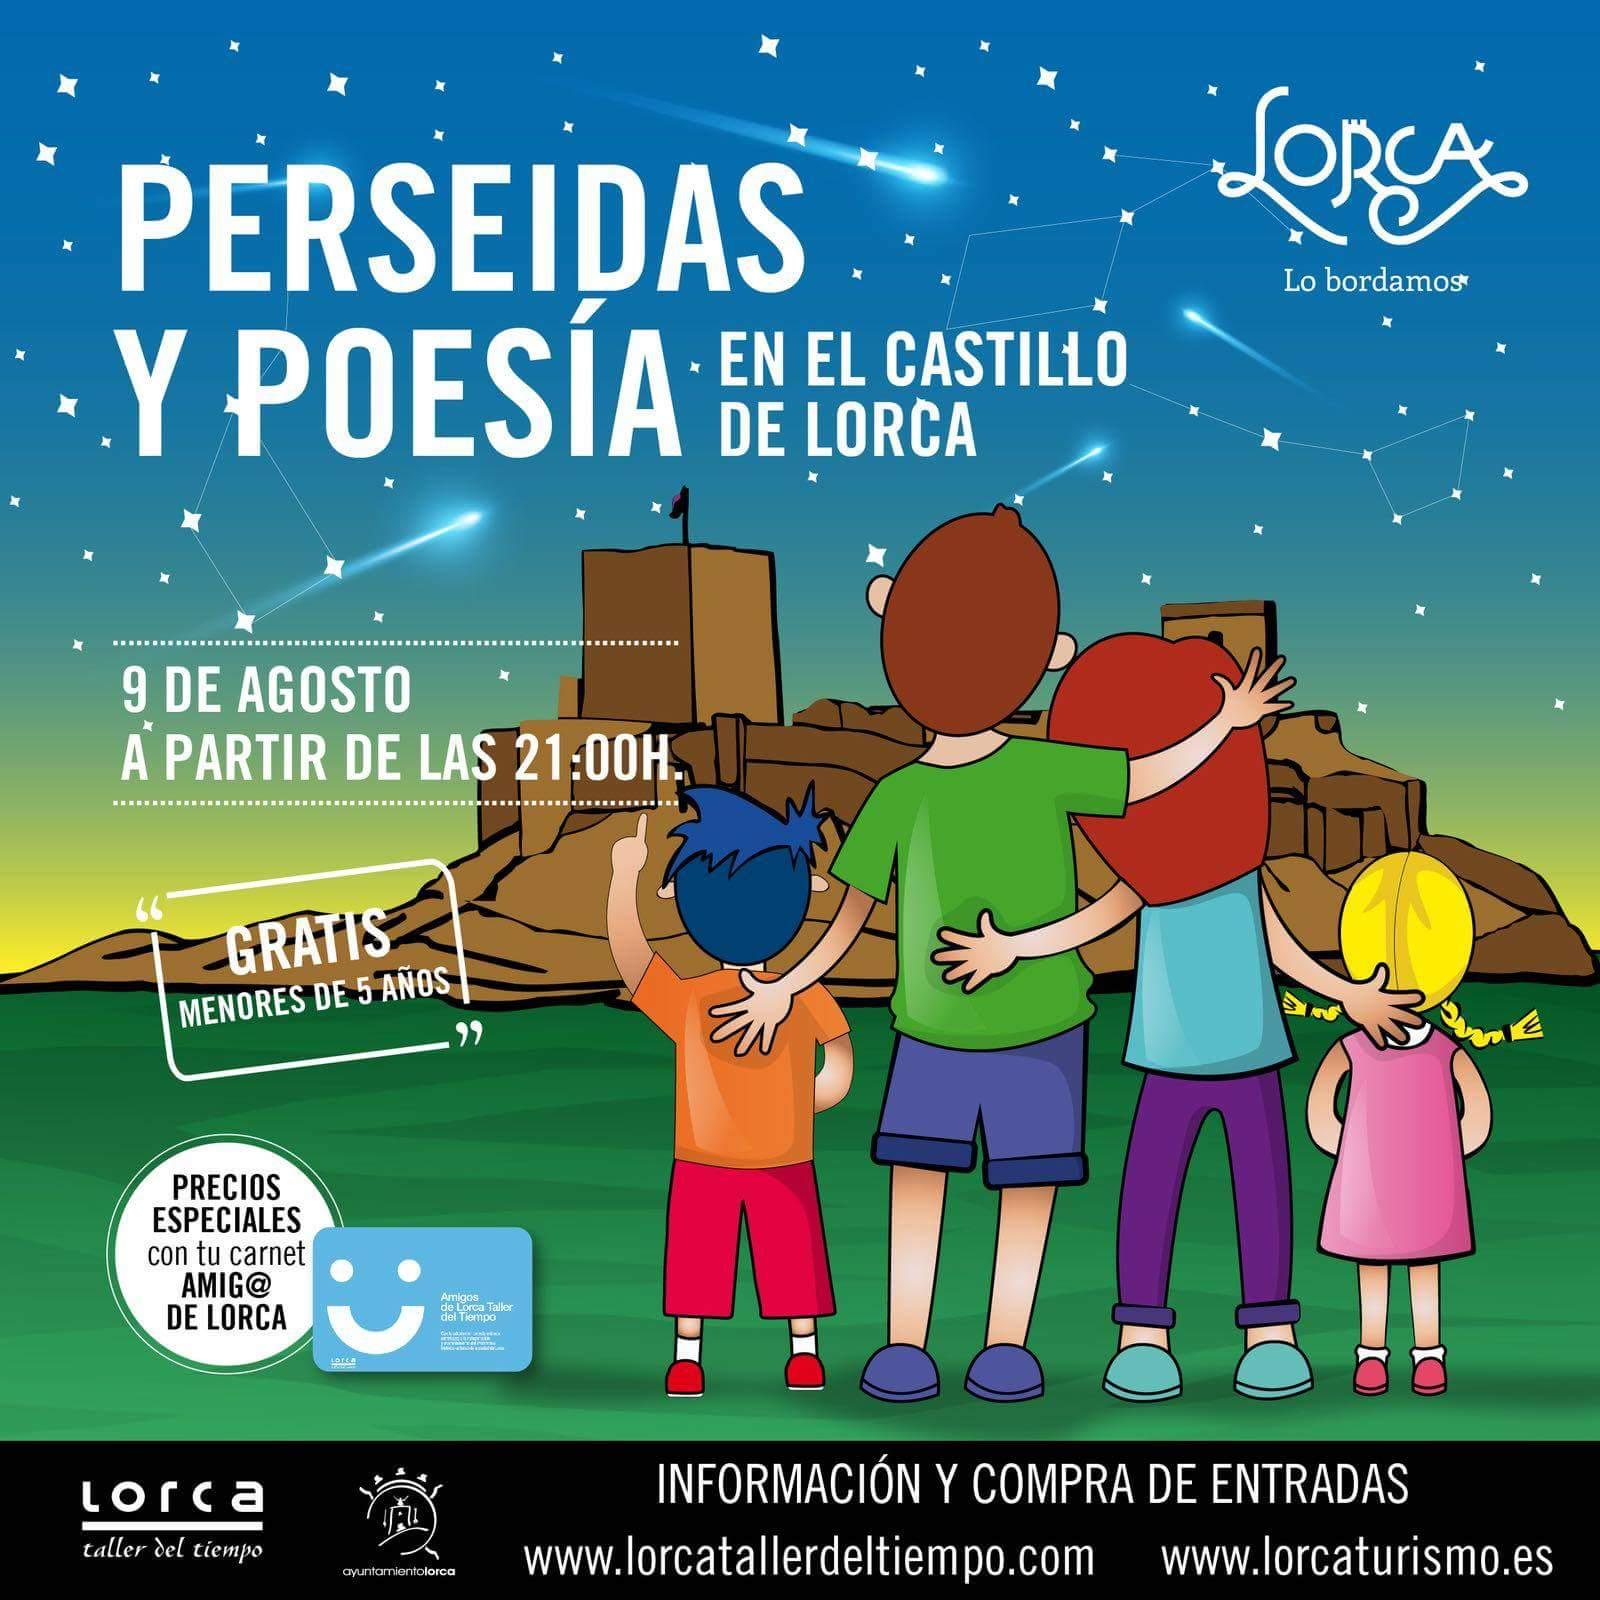 Perseidas y Poesía en el Castillo de Lorca. Con Lorca Taller del Tiempo